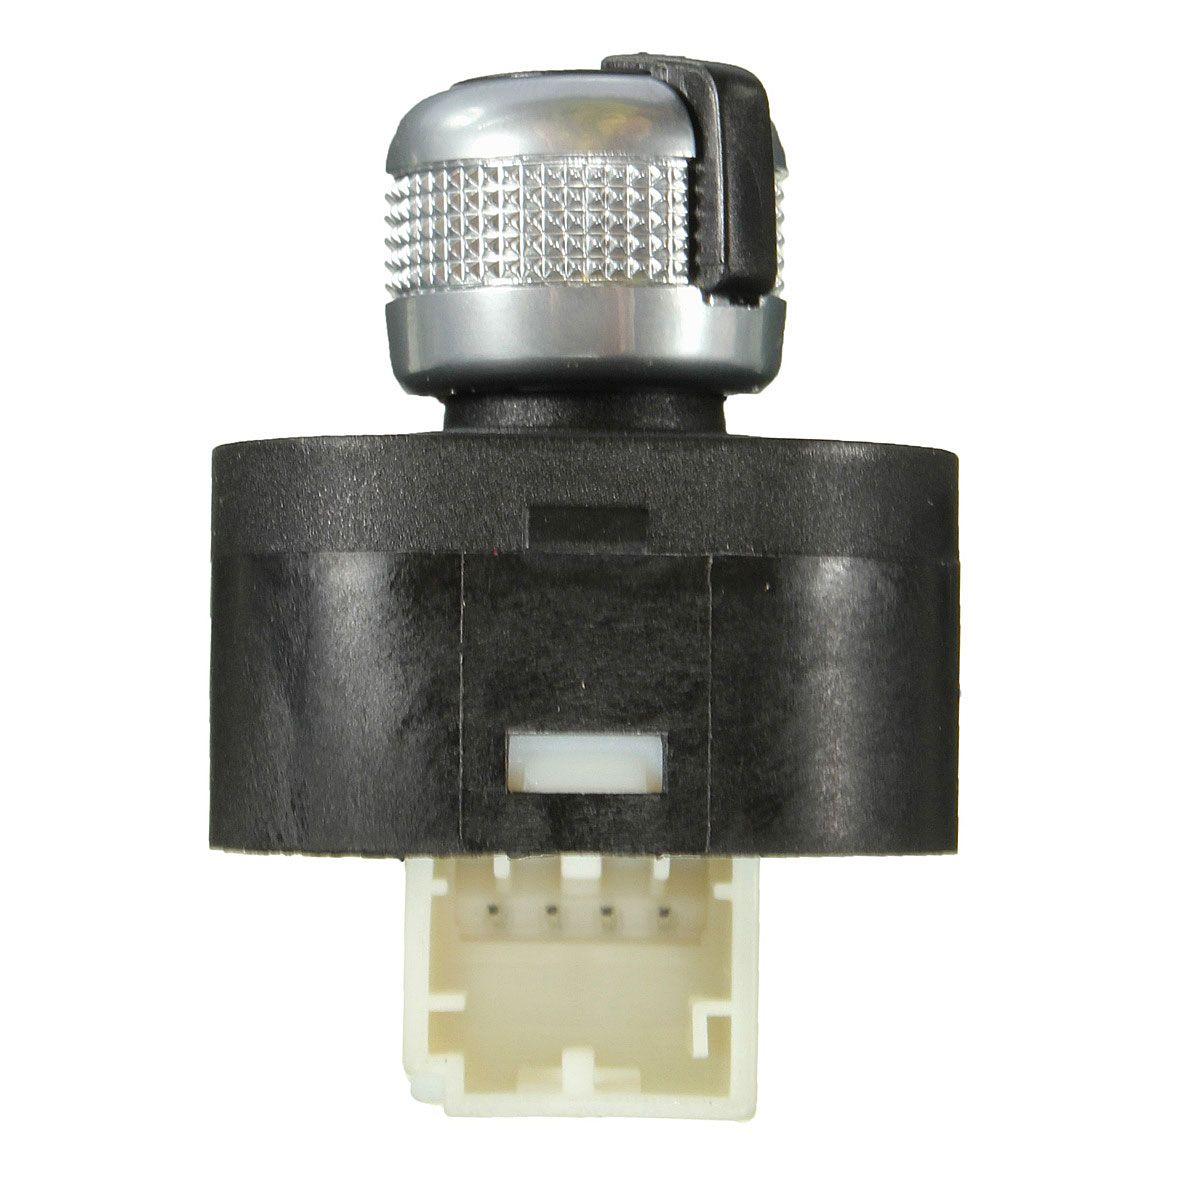 Chrome espelho interruptor de controle para Q7 Audi R8 A6 S6 tt S4 ...